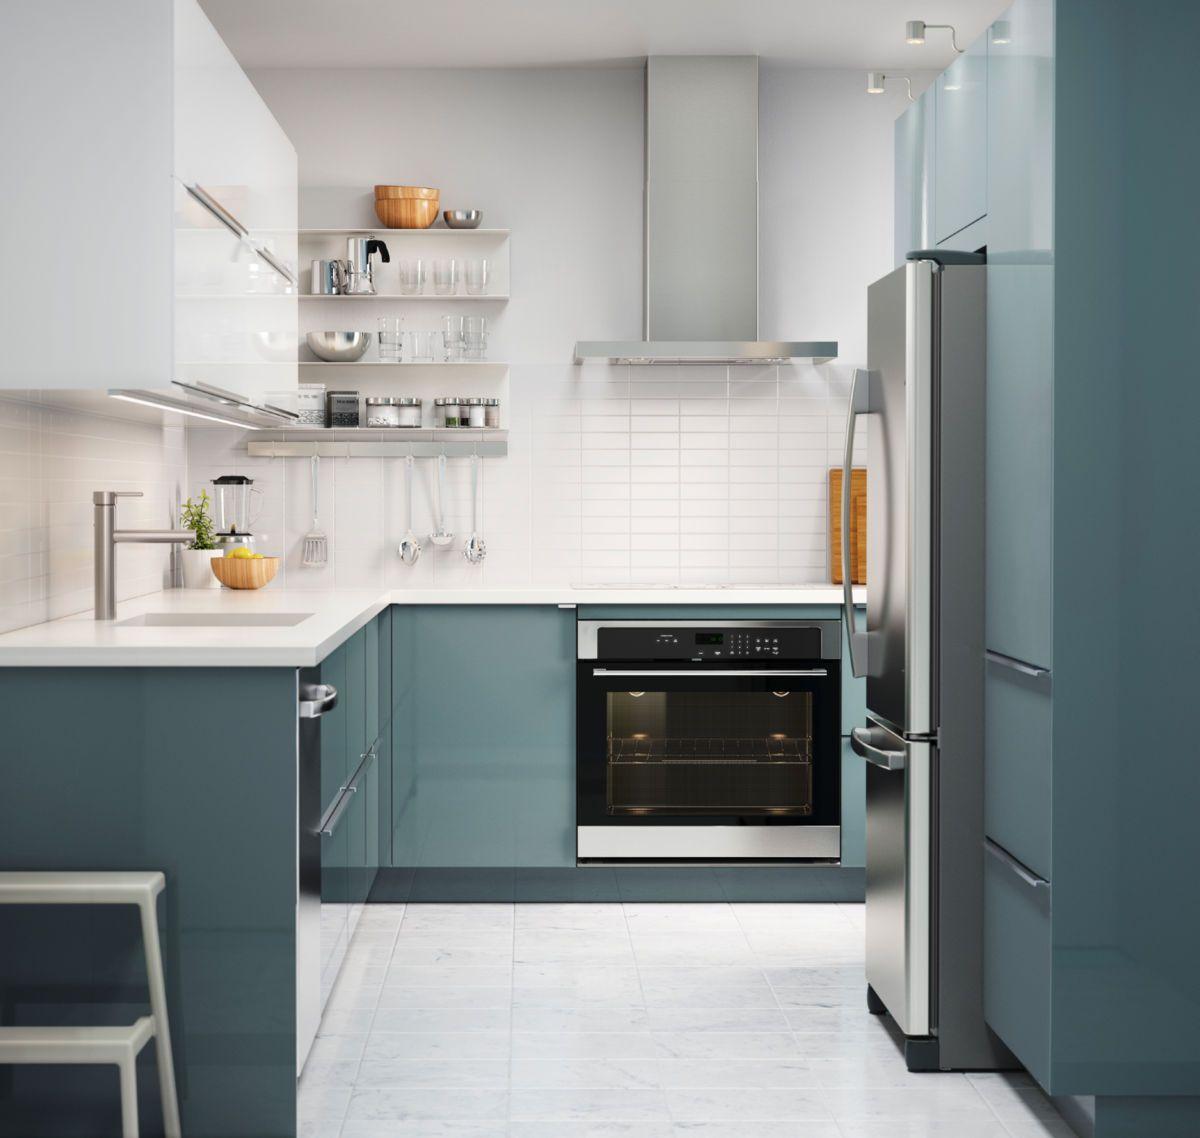 2017 kitchens kitchen ideas pinterest kitchens ikea hack